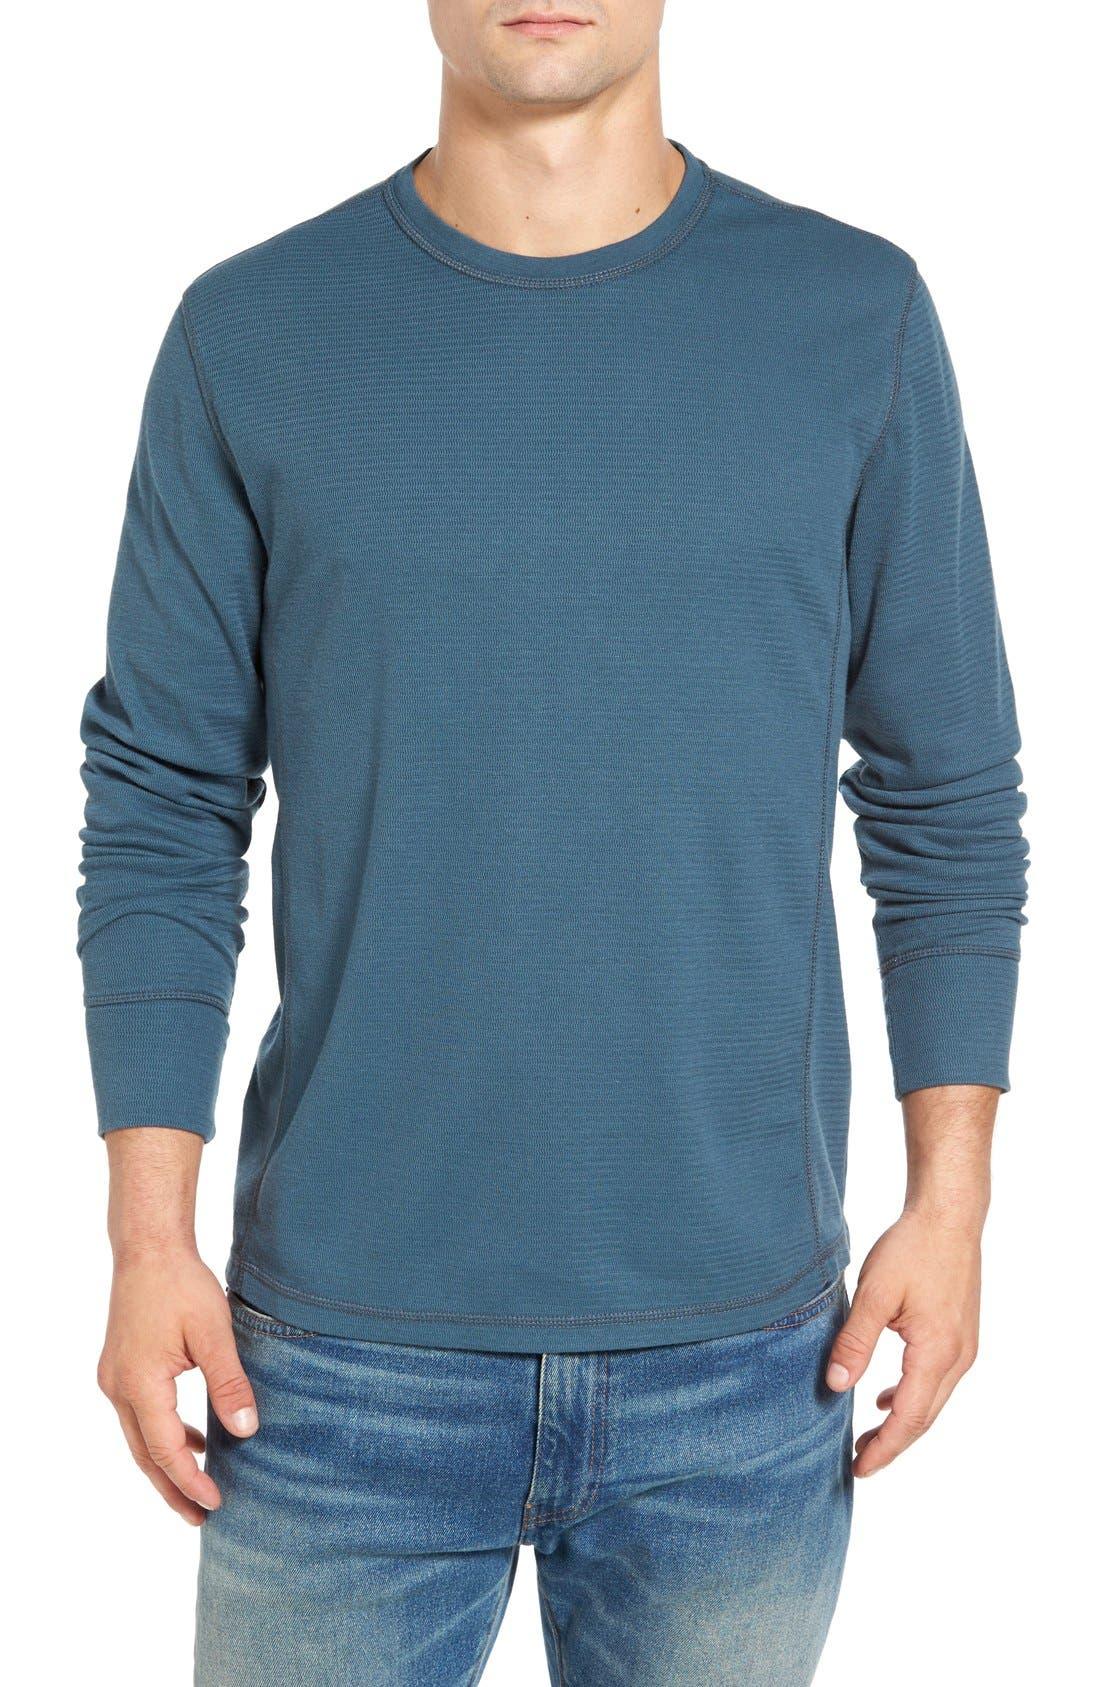 Main Image - Jeremiah Larsen Zigzag Thermal T-Shirt